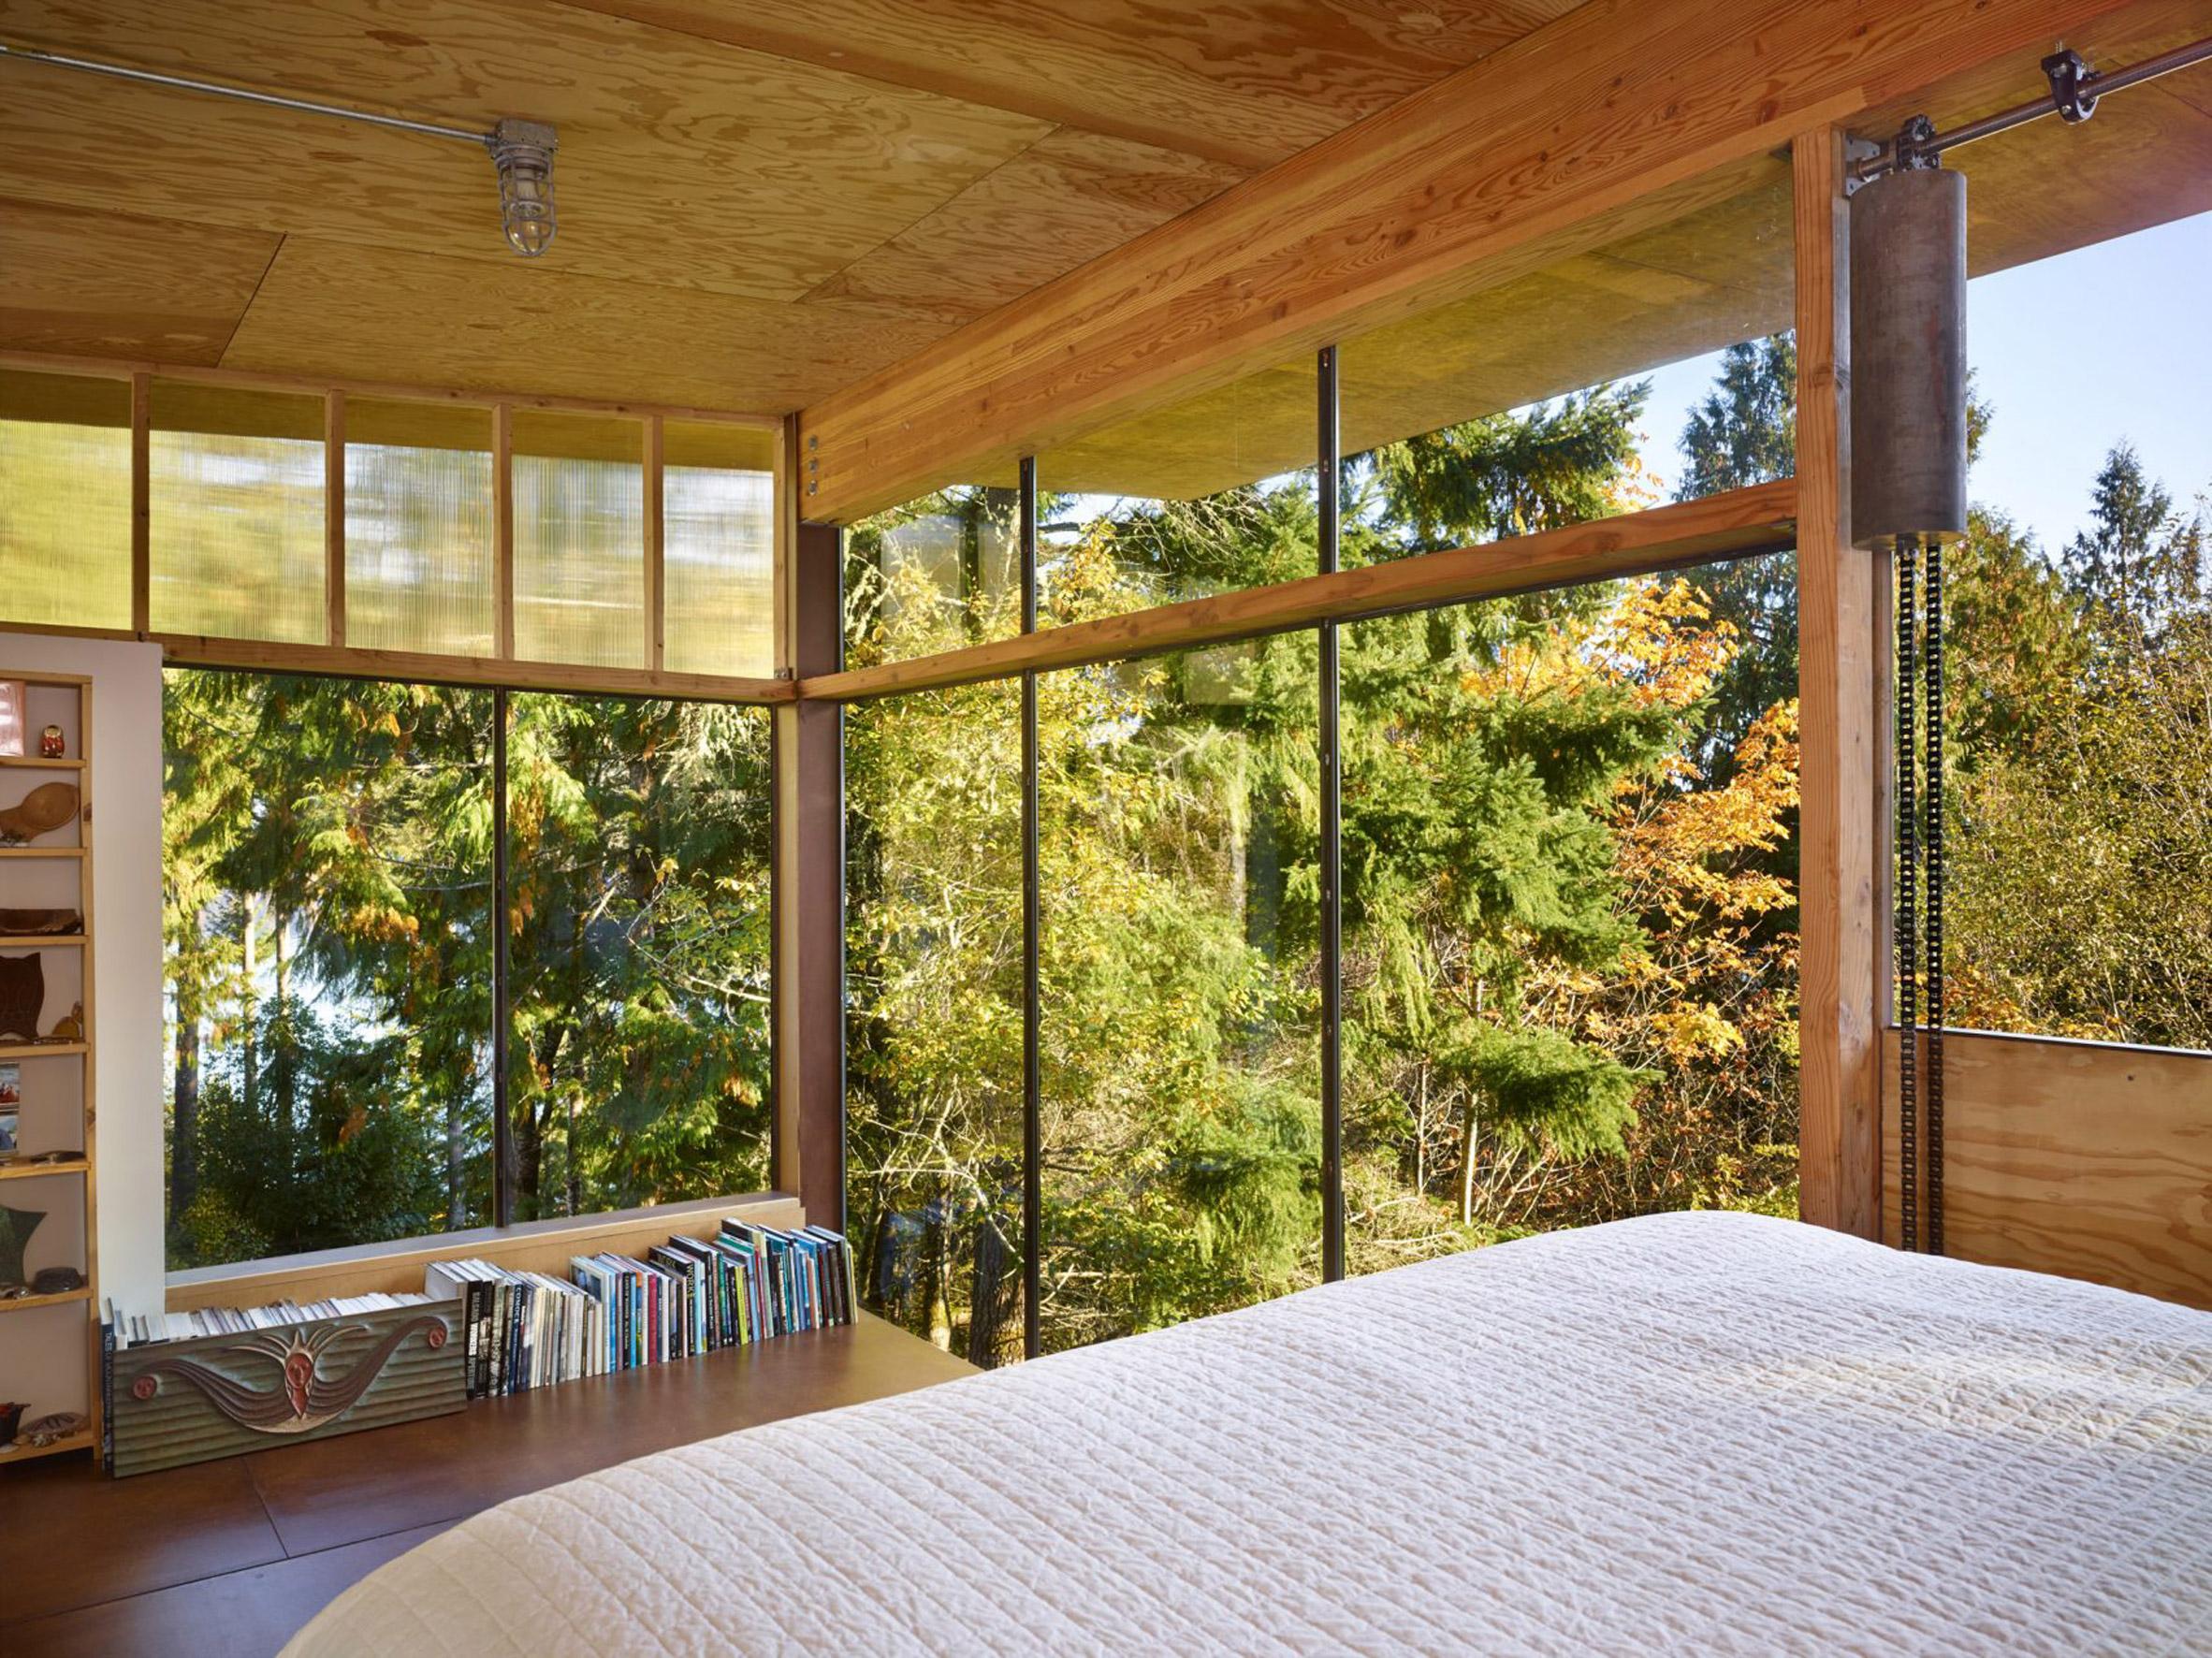 recycled cabin bedroom by studio les eerkes